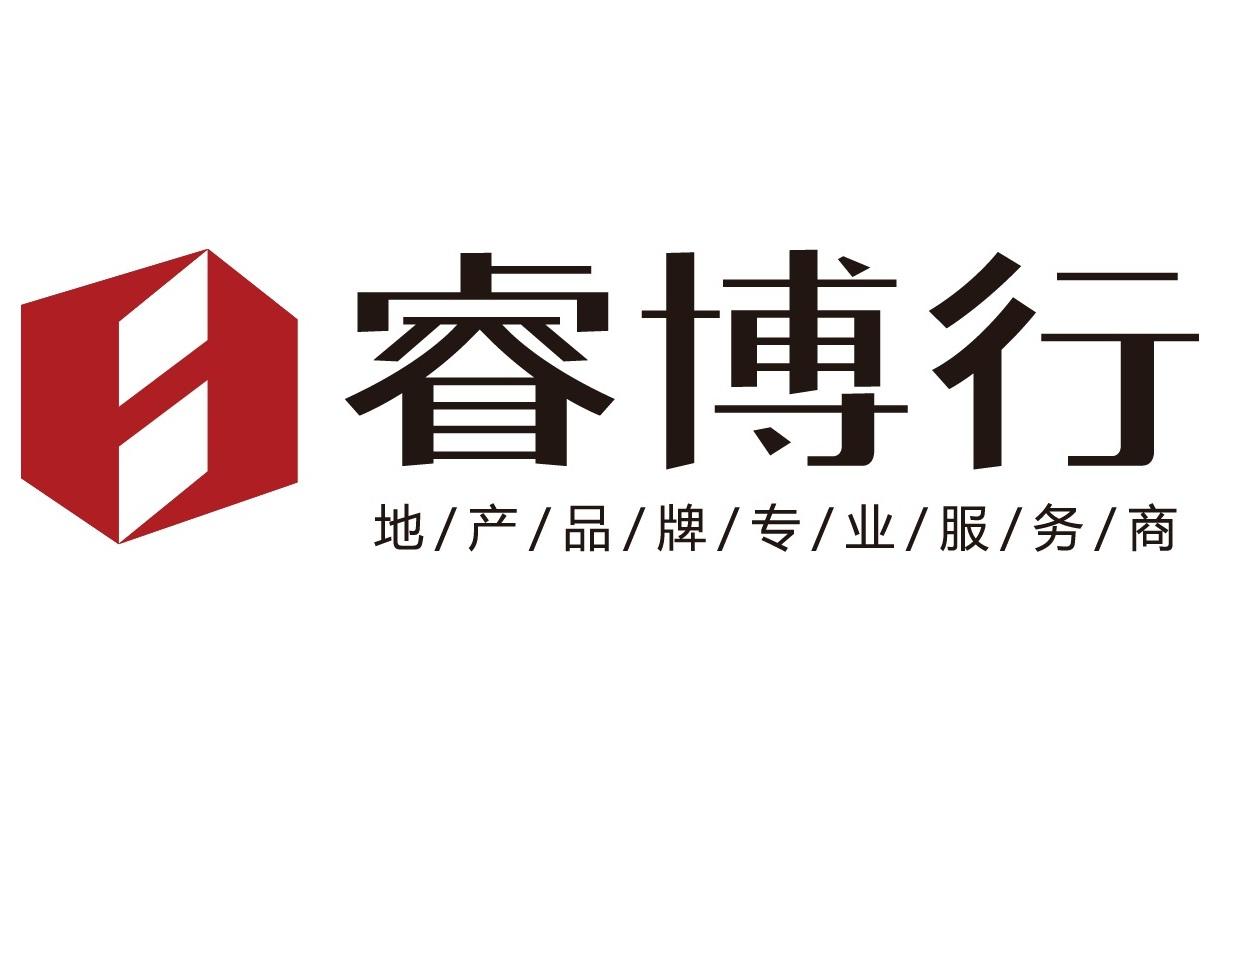 青岛睿博行投资顾问服务有限公司